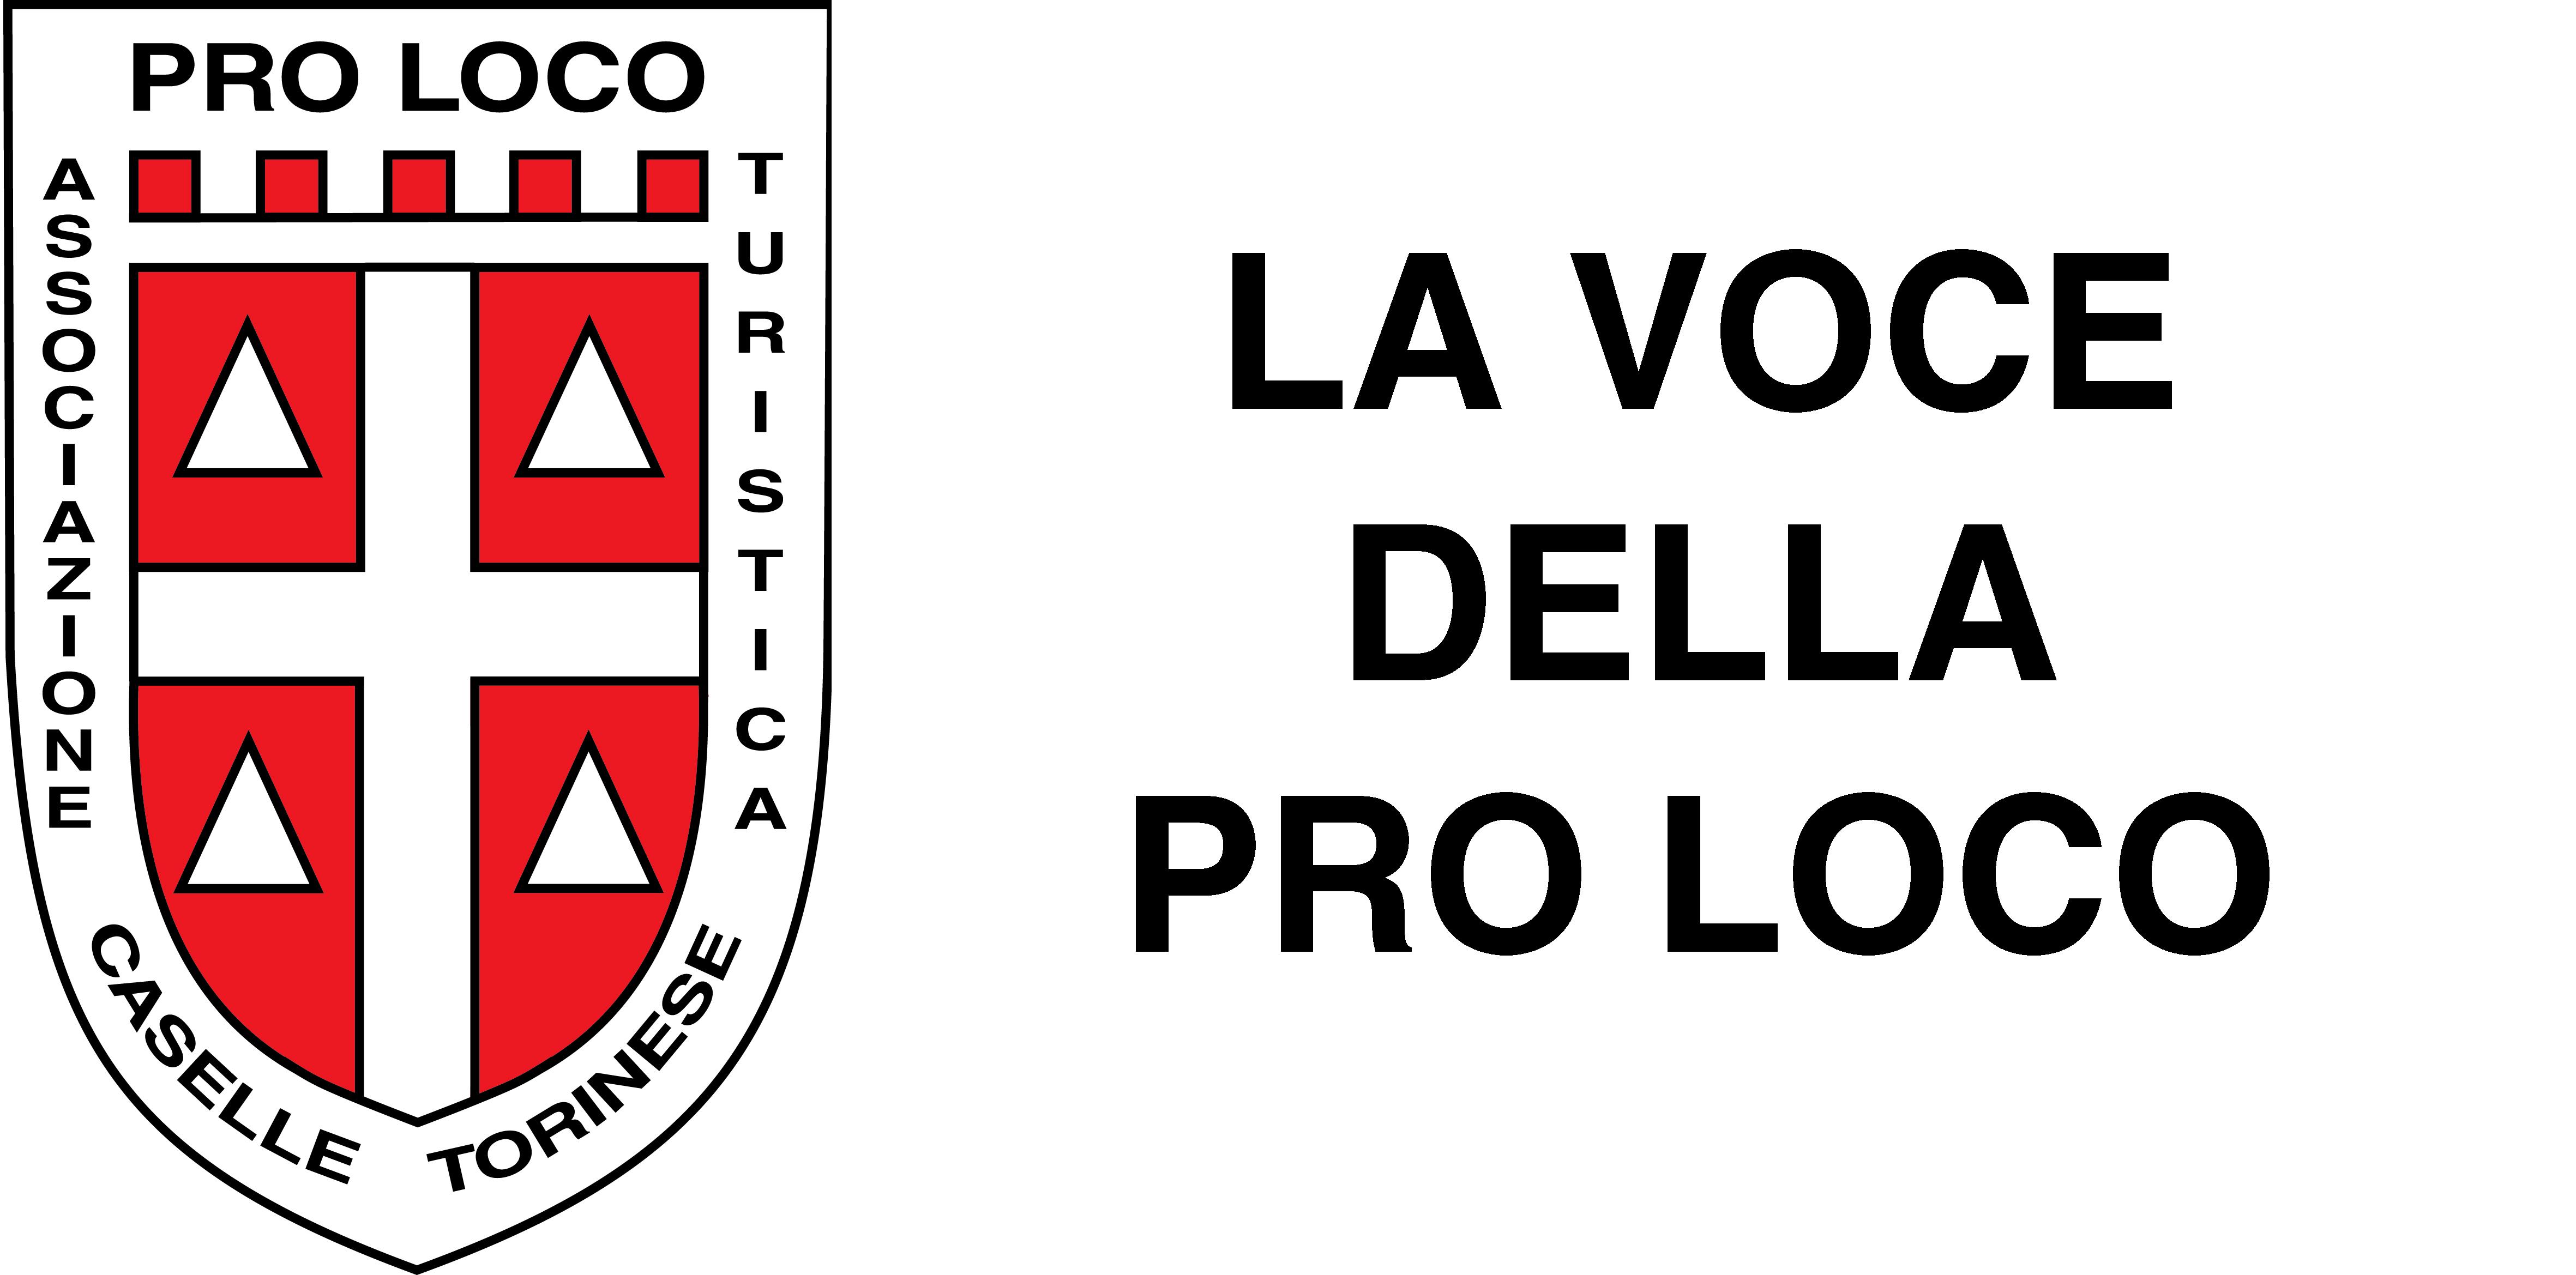 Stemma Pro Loco con scritteTESTATINA V1